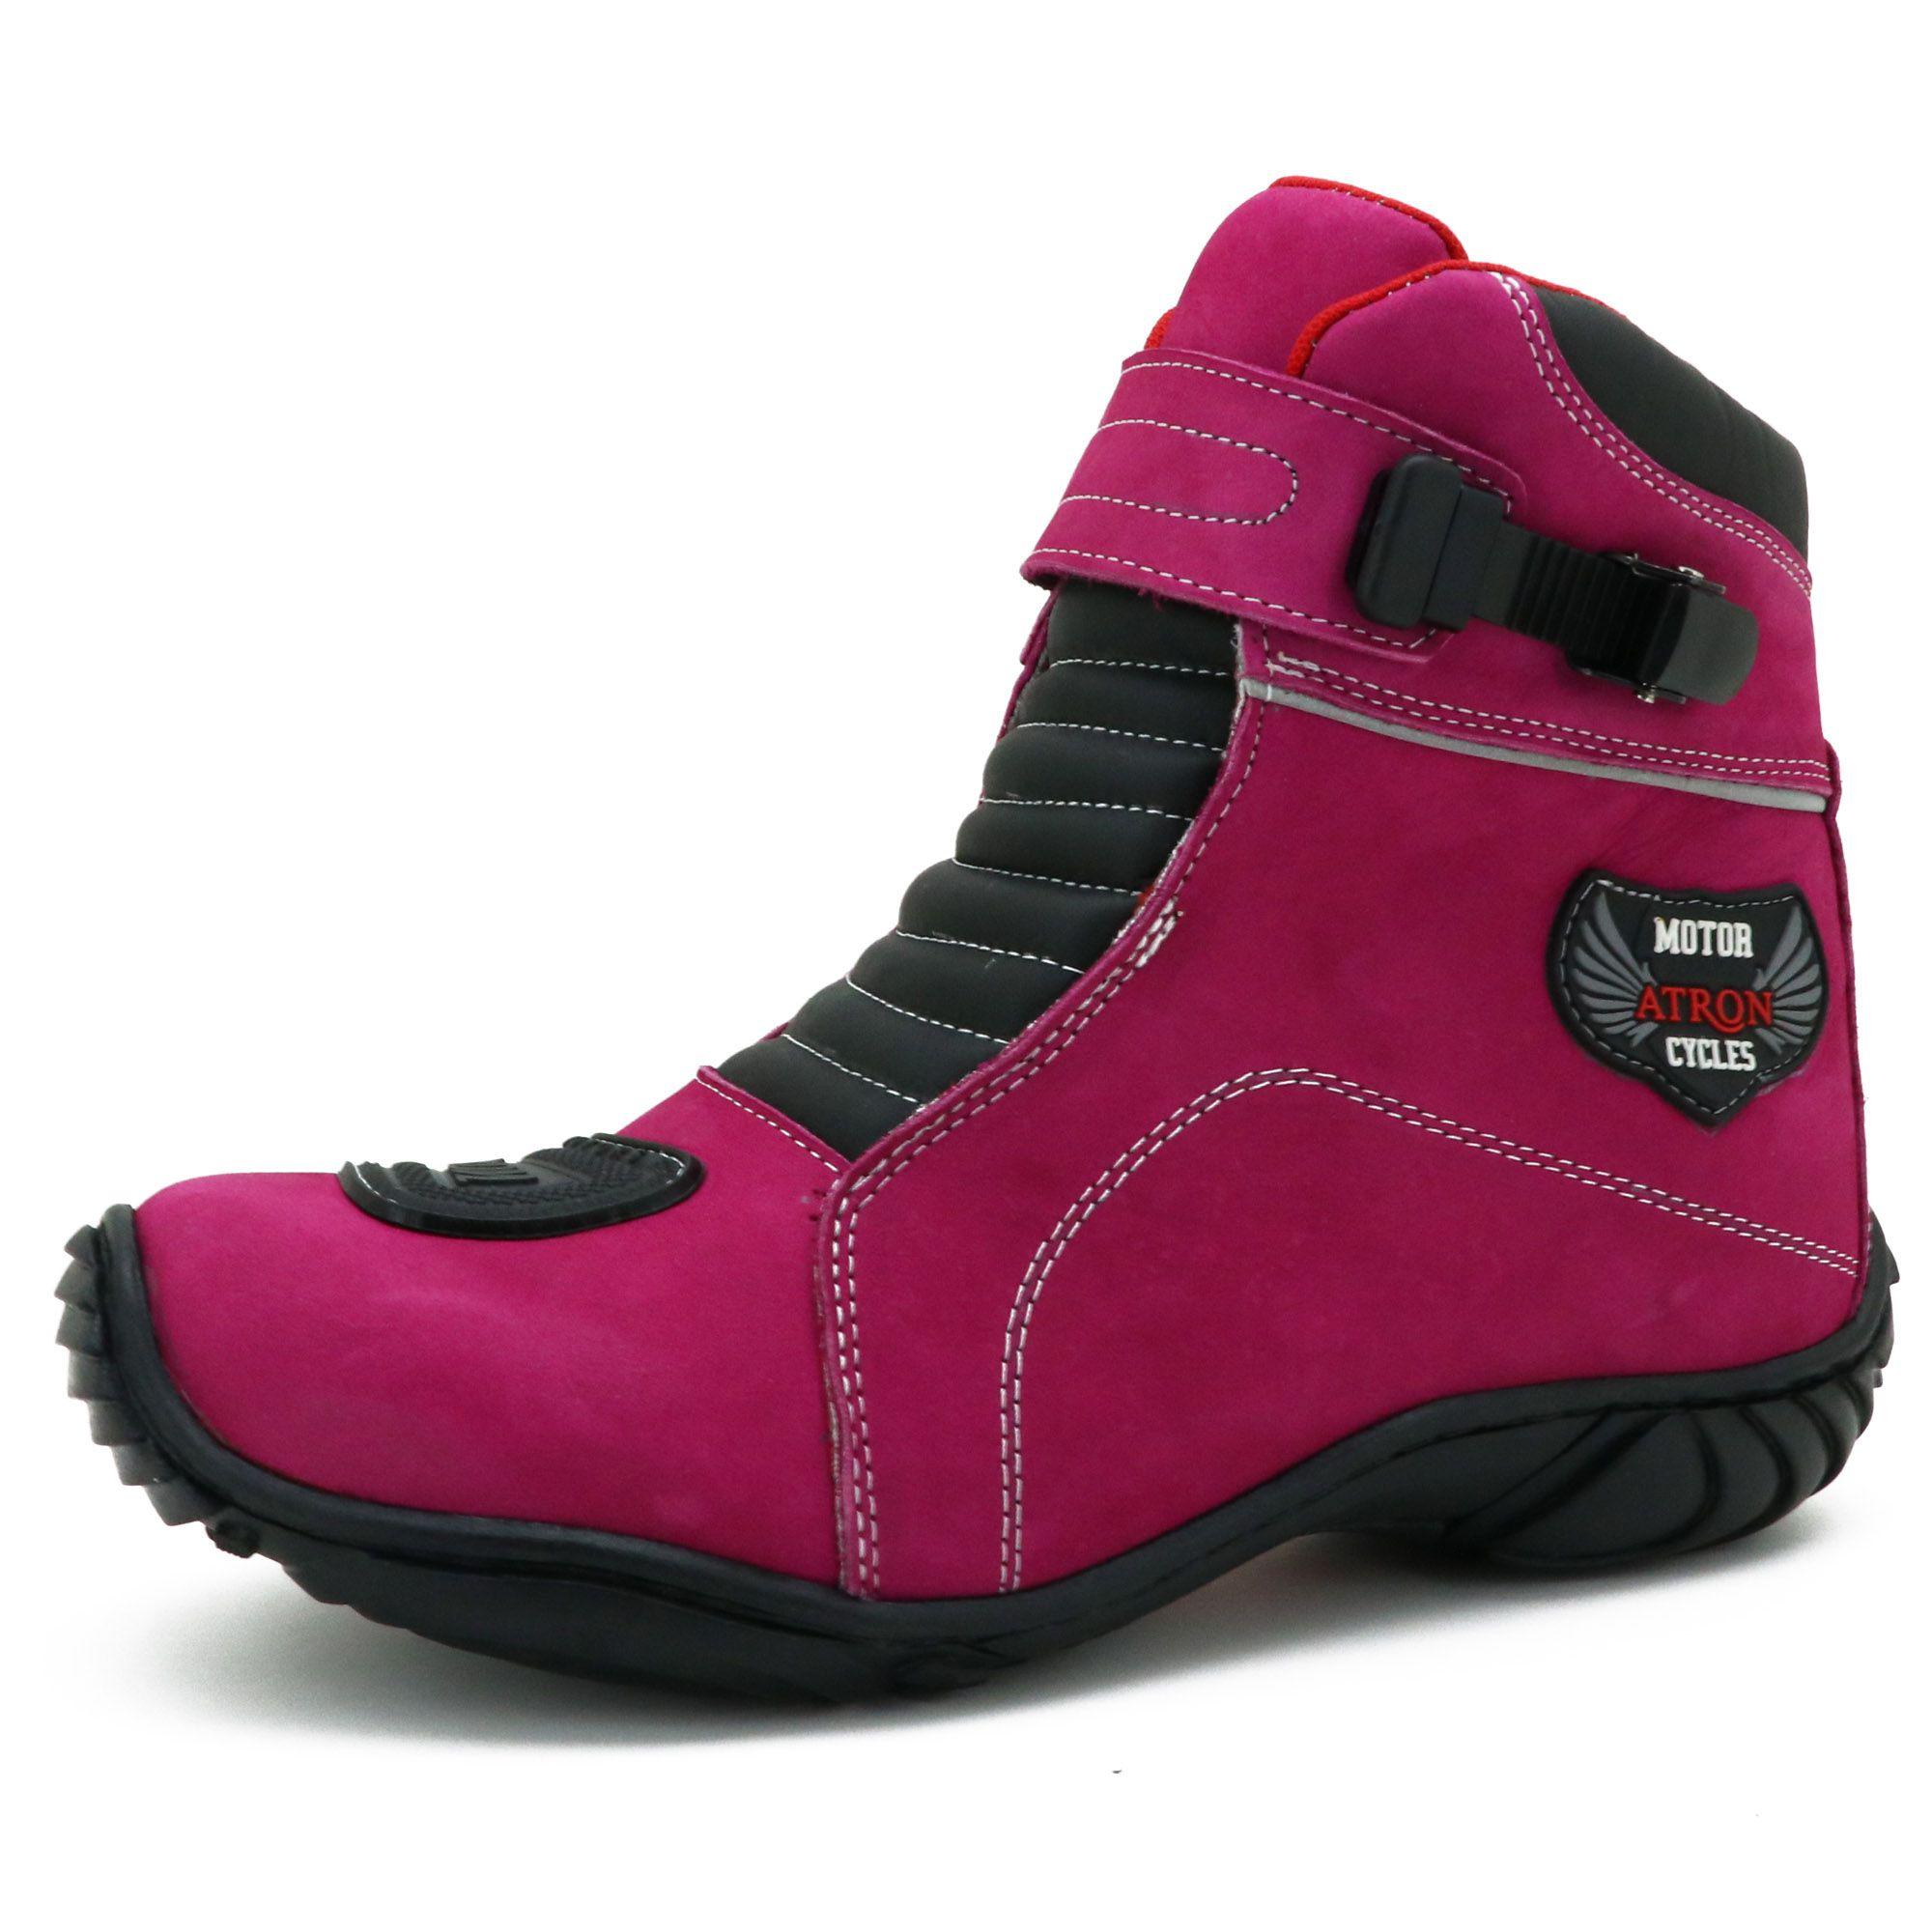 Bota motociclista pink feminina com tira reguladora semi impermeável 287